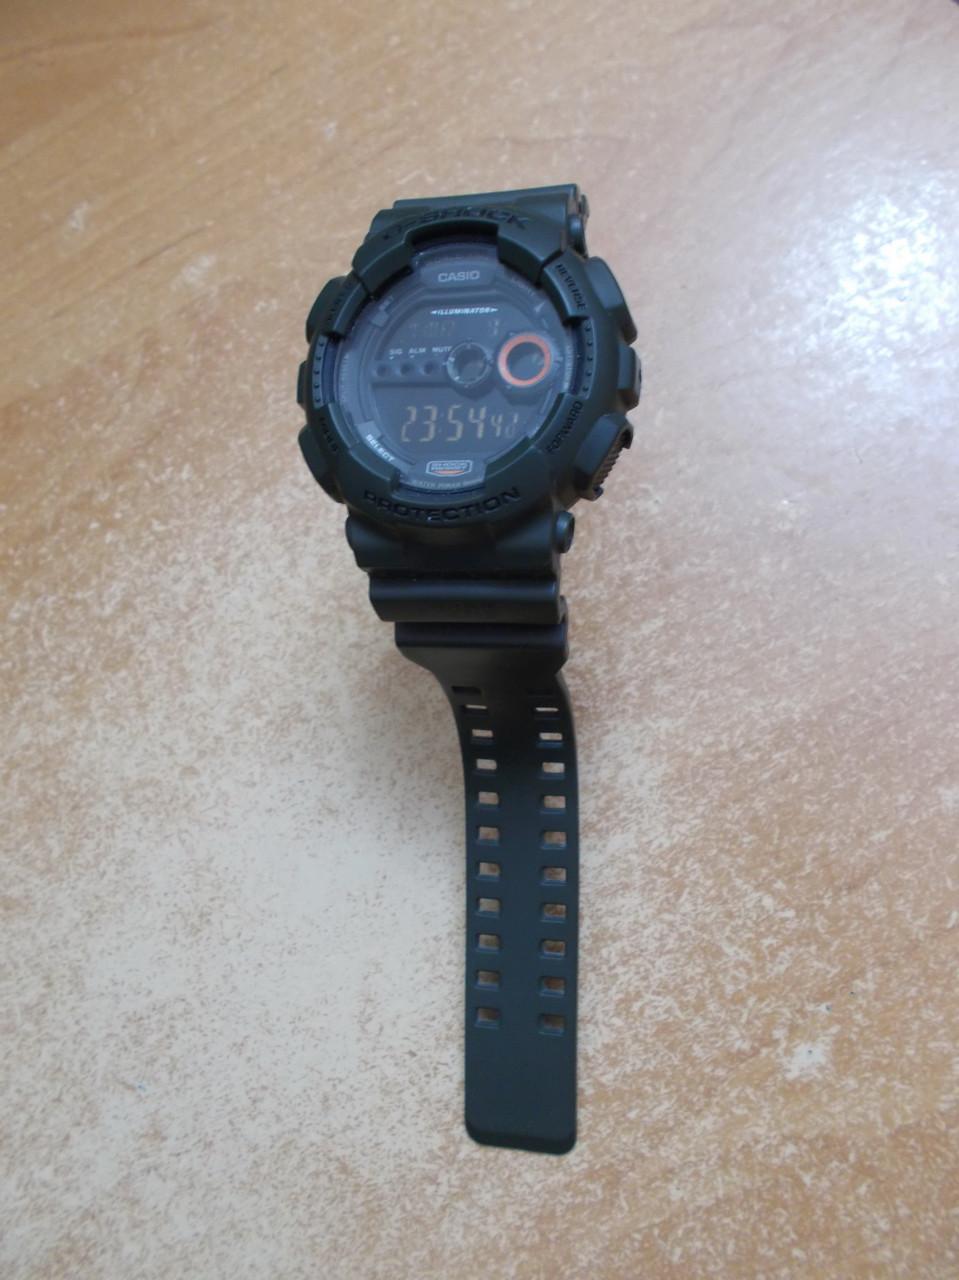 Купити годинники наручні в Рівному ᐉ Продаж жіночих і чоловічих ... 9961d09e2b88c